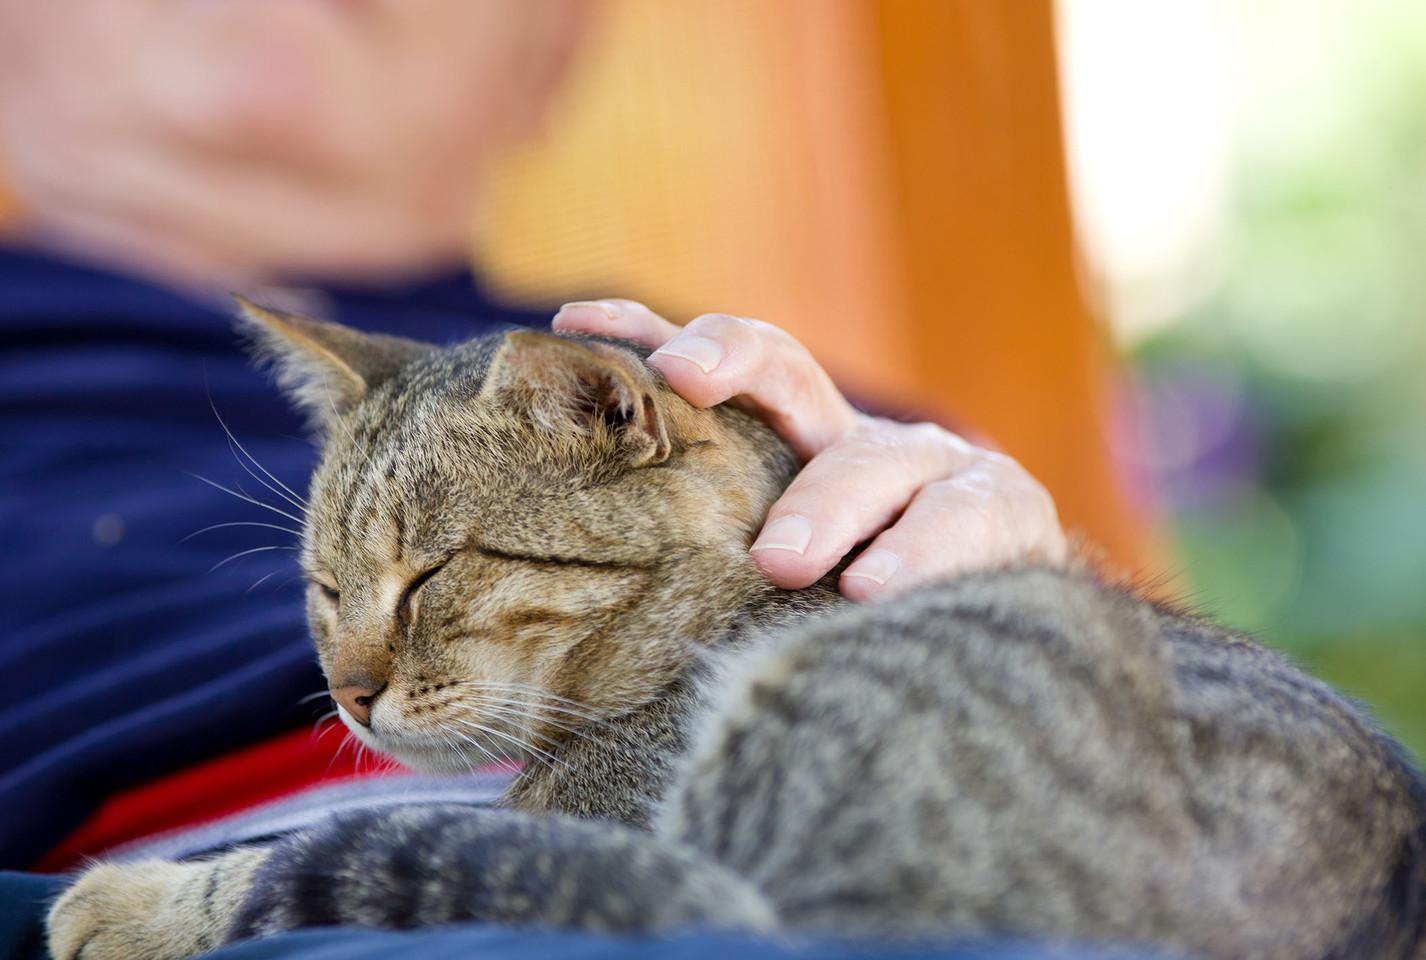 man cuddling cat.jpg